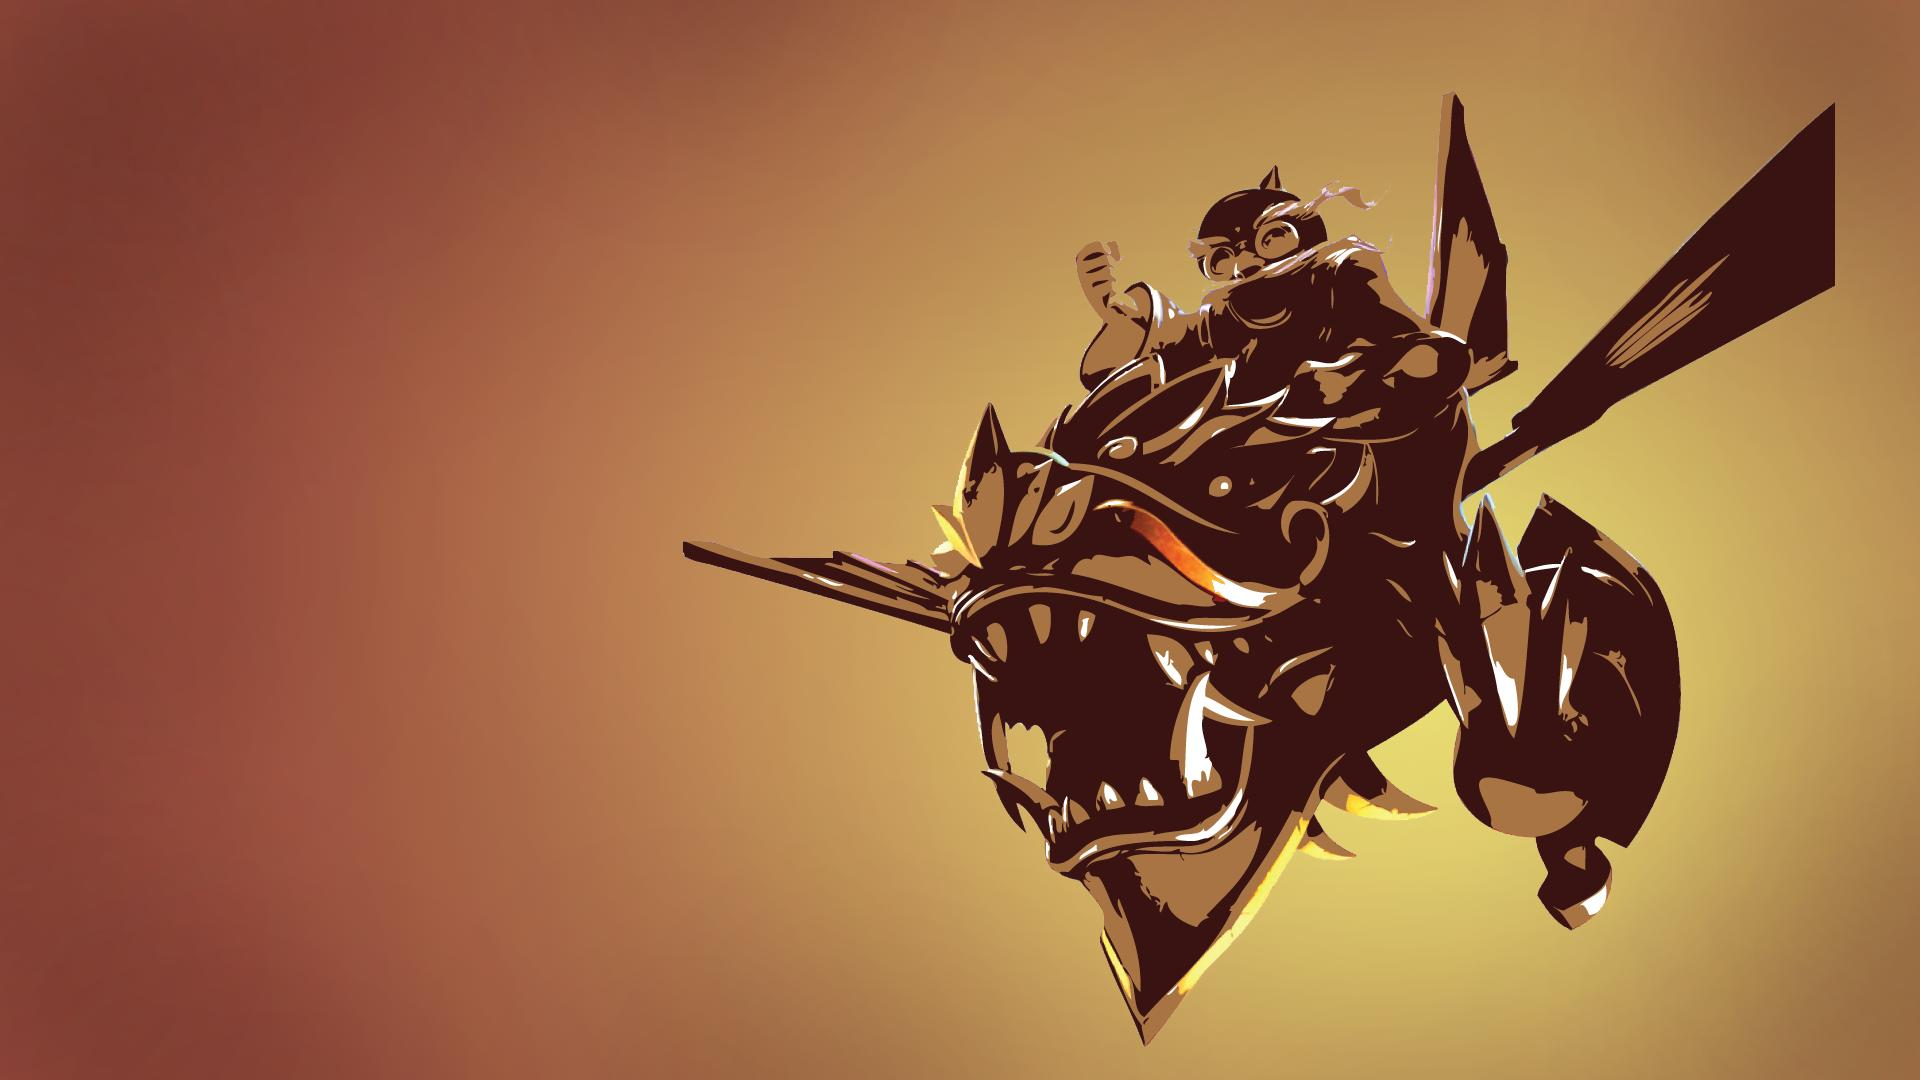 Dragonwing Corki Minimalistic wallpaper